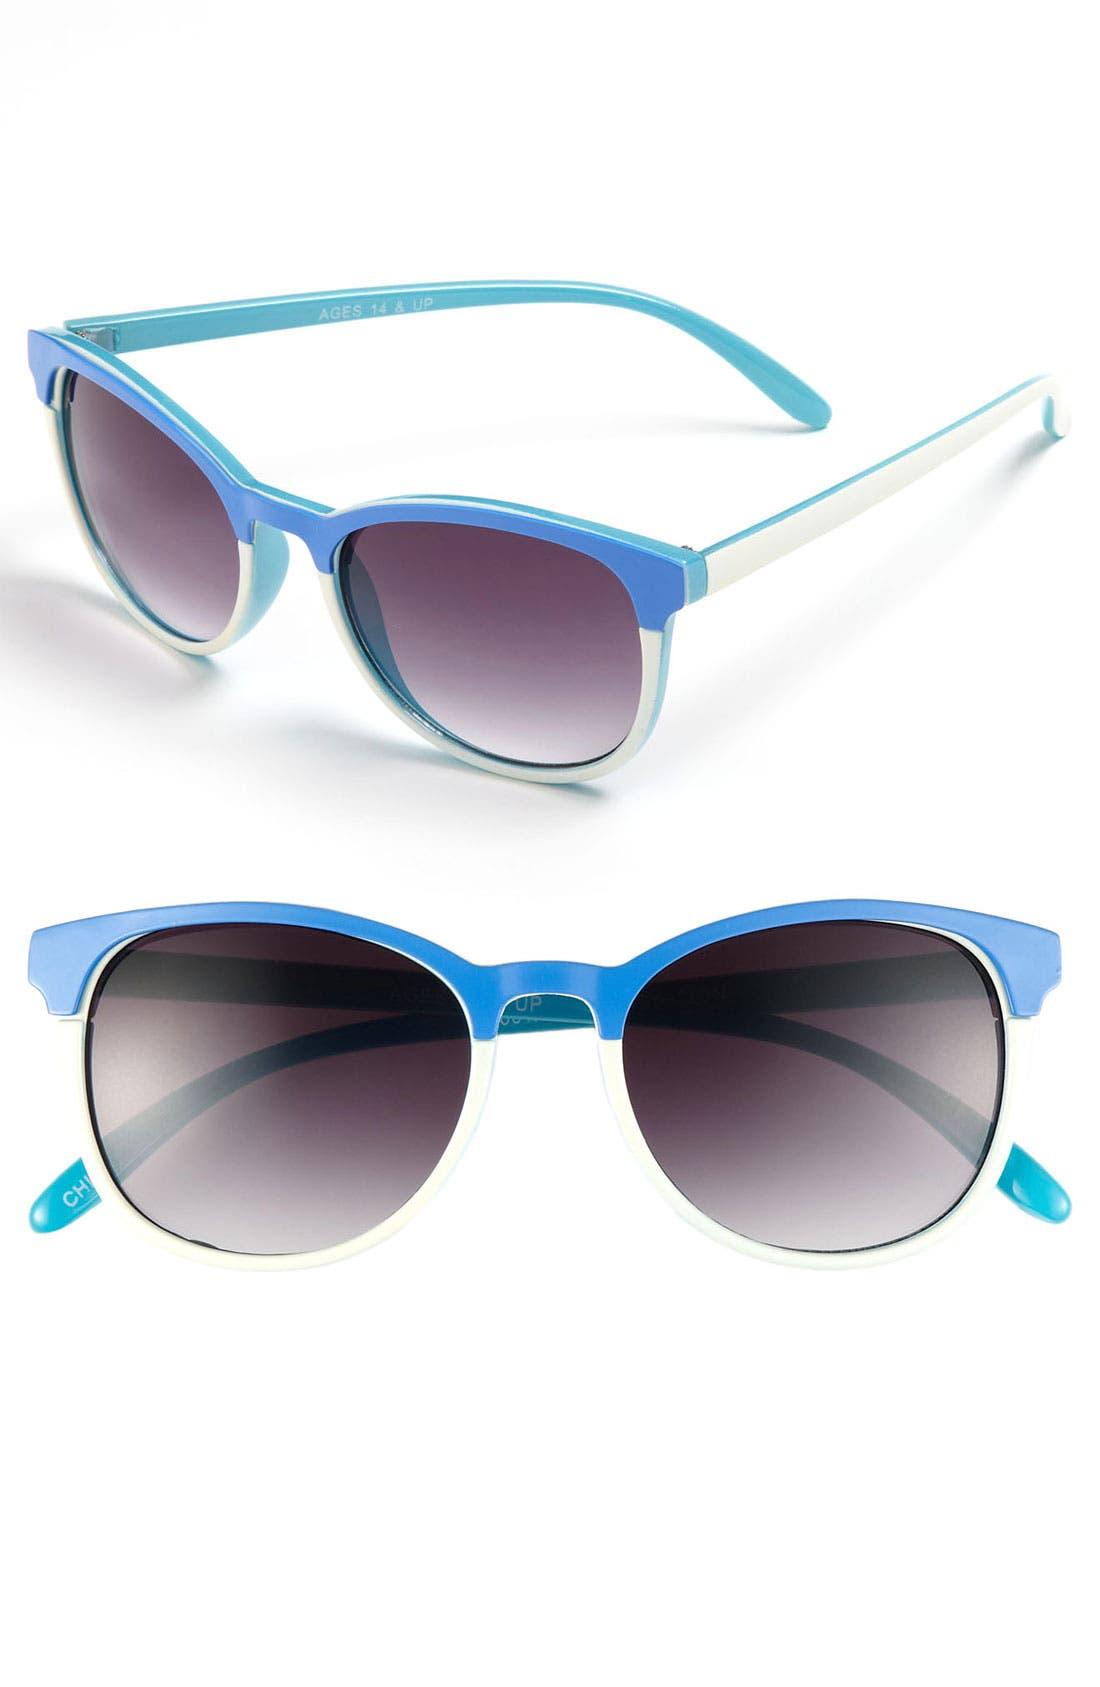 Main Image - FE NY 'Kickstart' Sunglasses